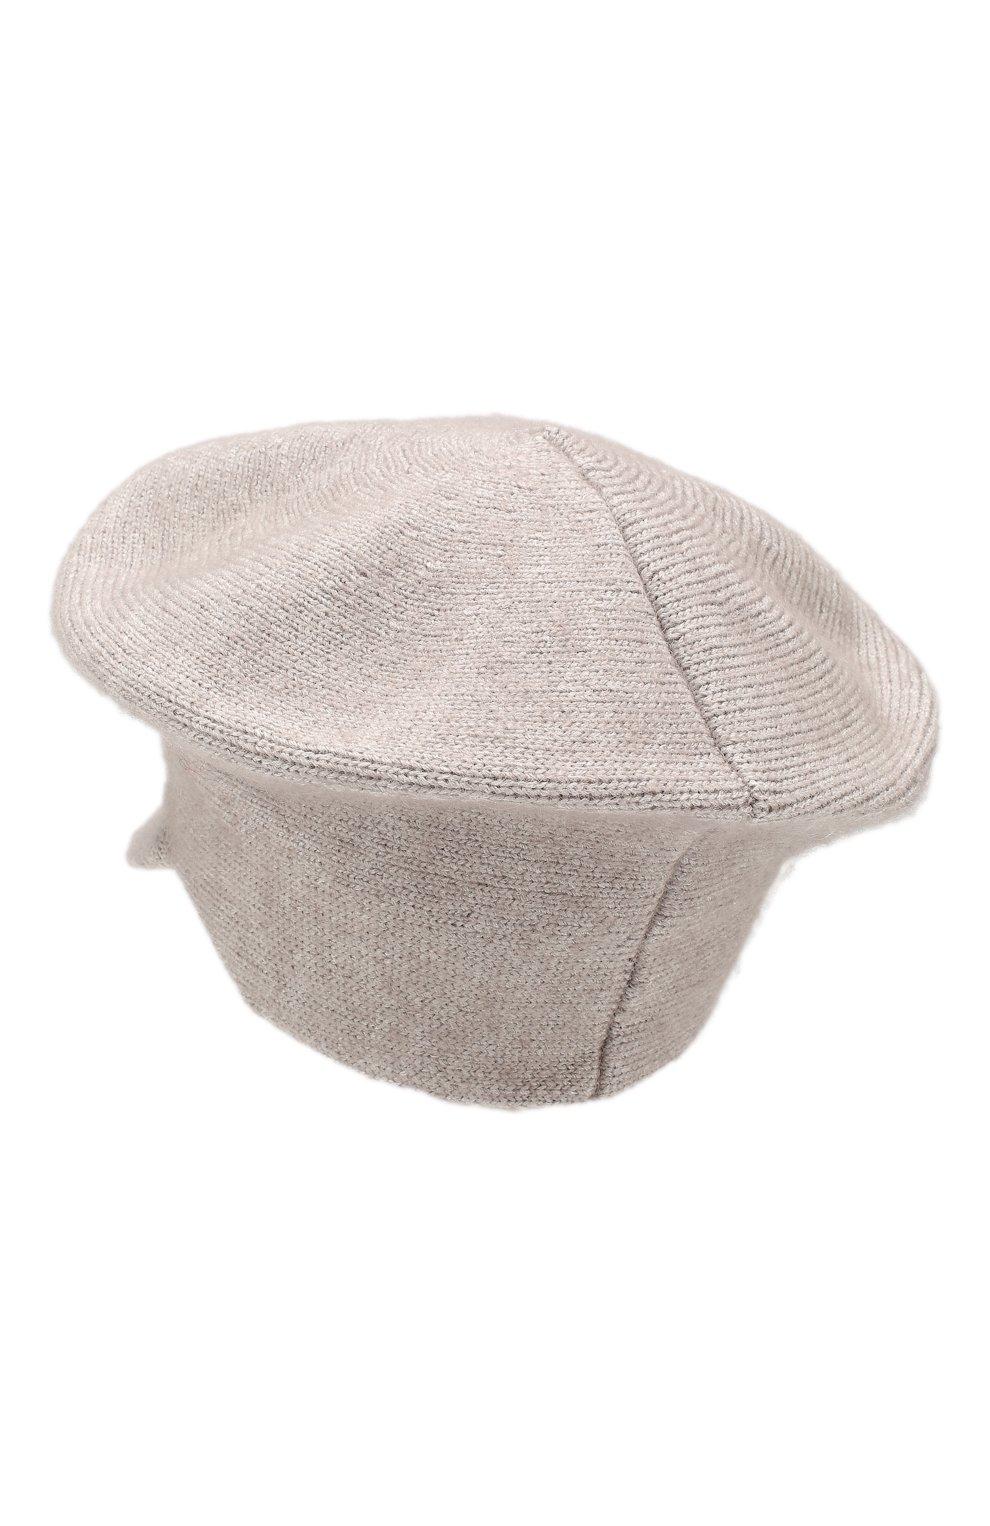 Женская кепка crepi CANOE светло-серого цвета, арт. 4918572 | Фото 2